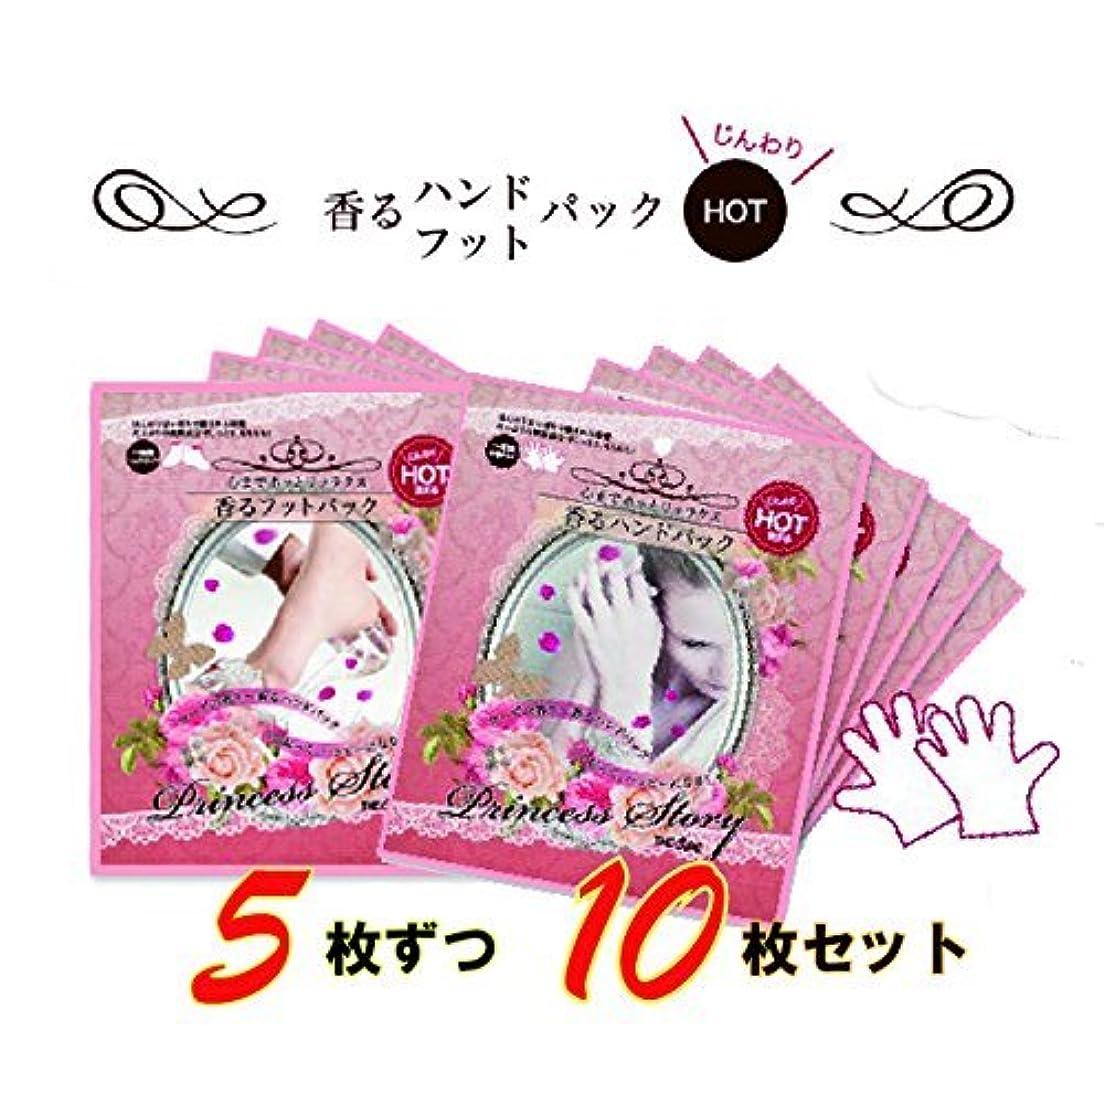 弱点豊かにするゲージ香るハンド &フットパック HOT キュア プリンセス ストーリーTHE CURE 5枚ずつ10枚セット